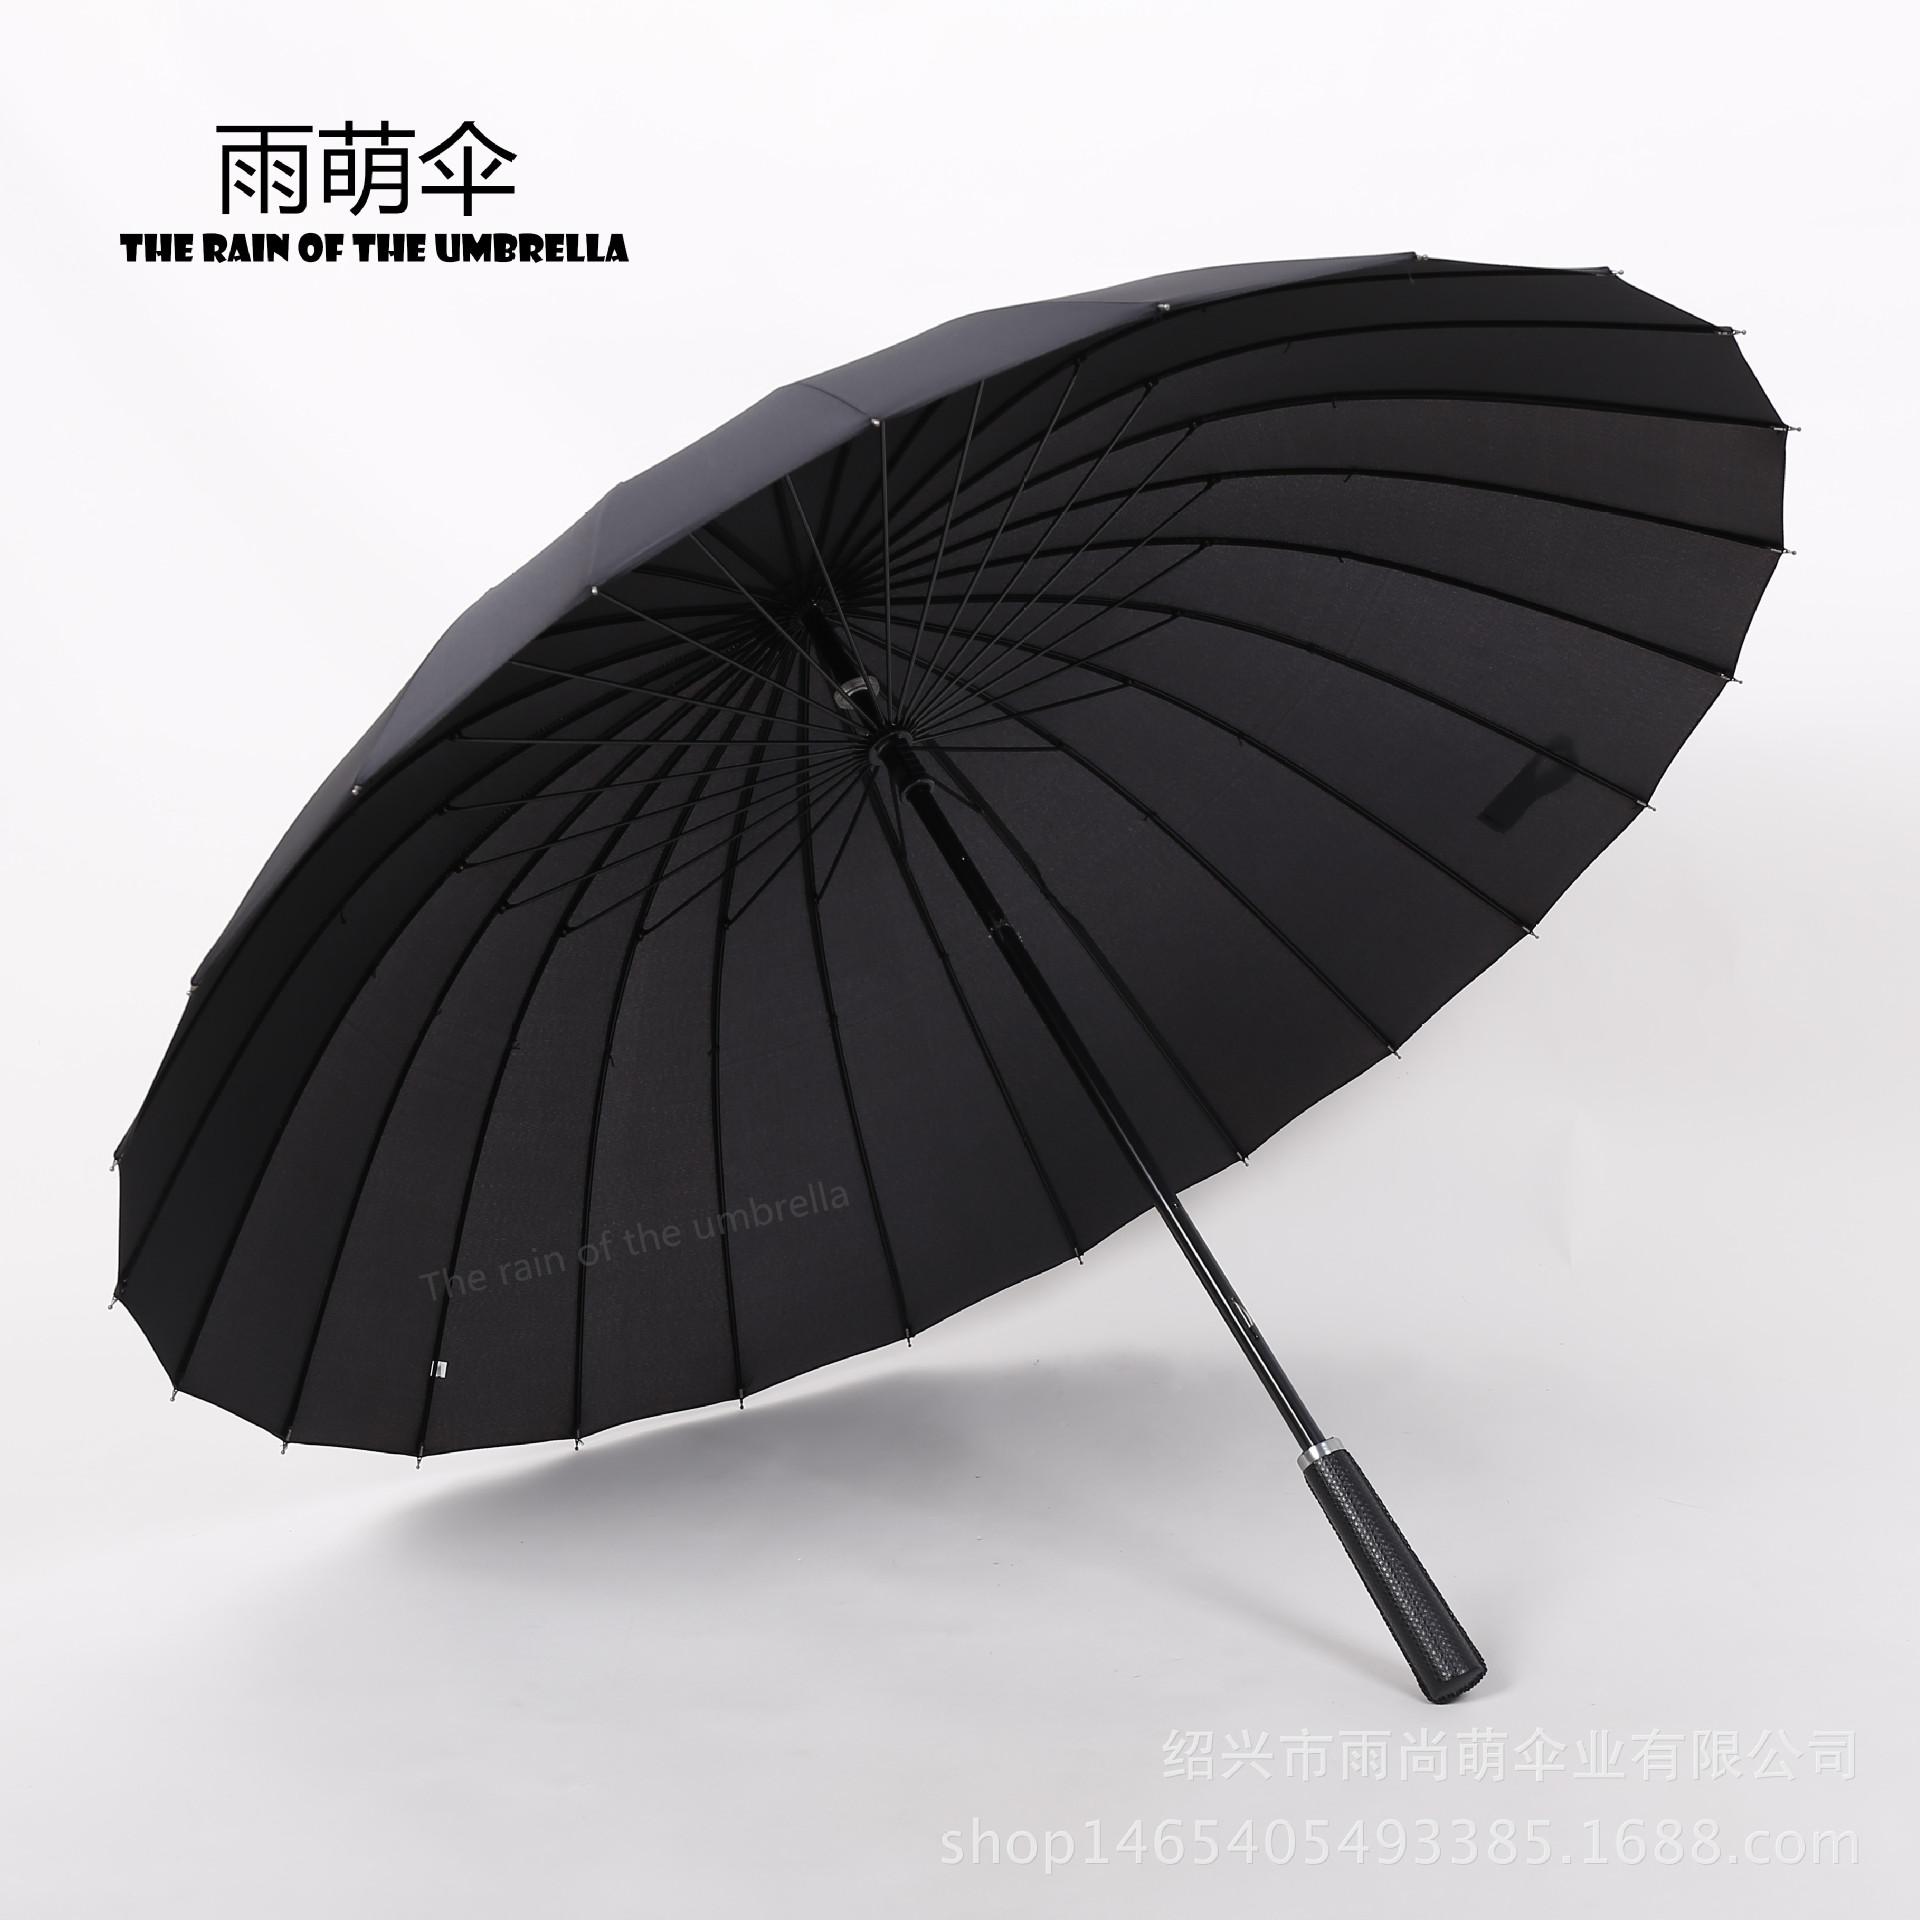 创意两用纯色太阳伞 24骨轻巧直杆雨伞 直柄伞